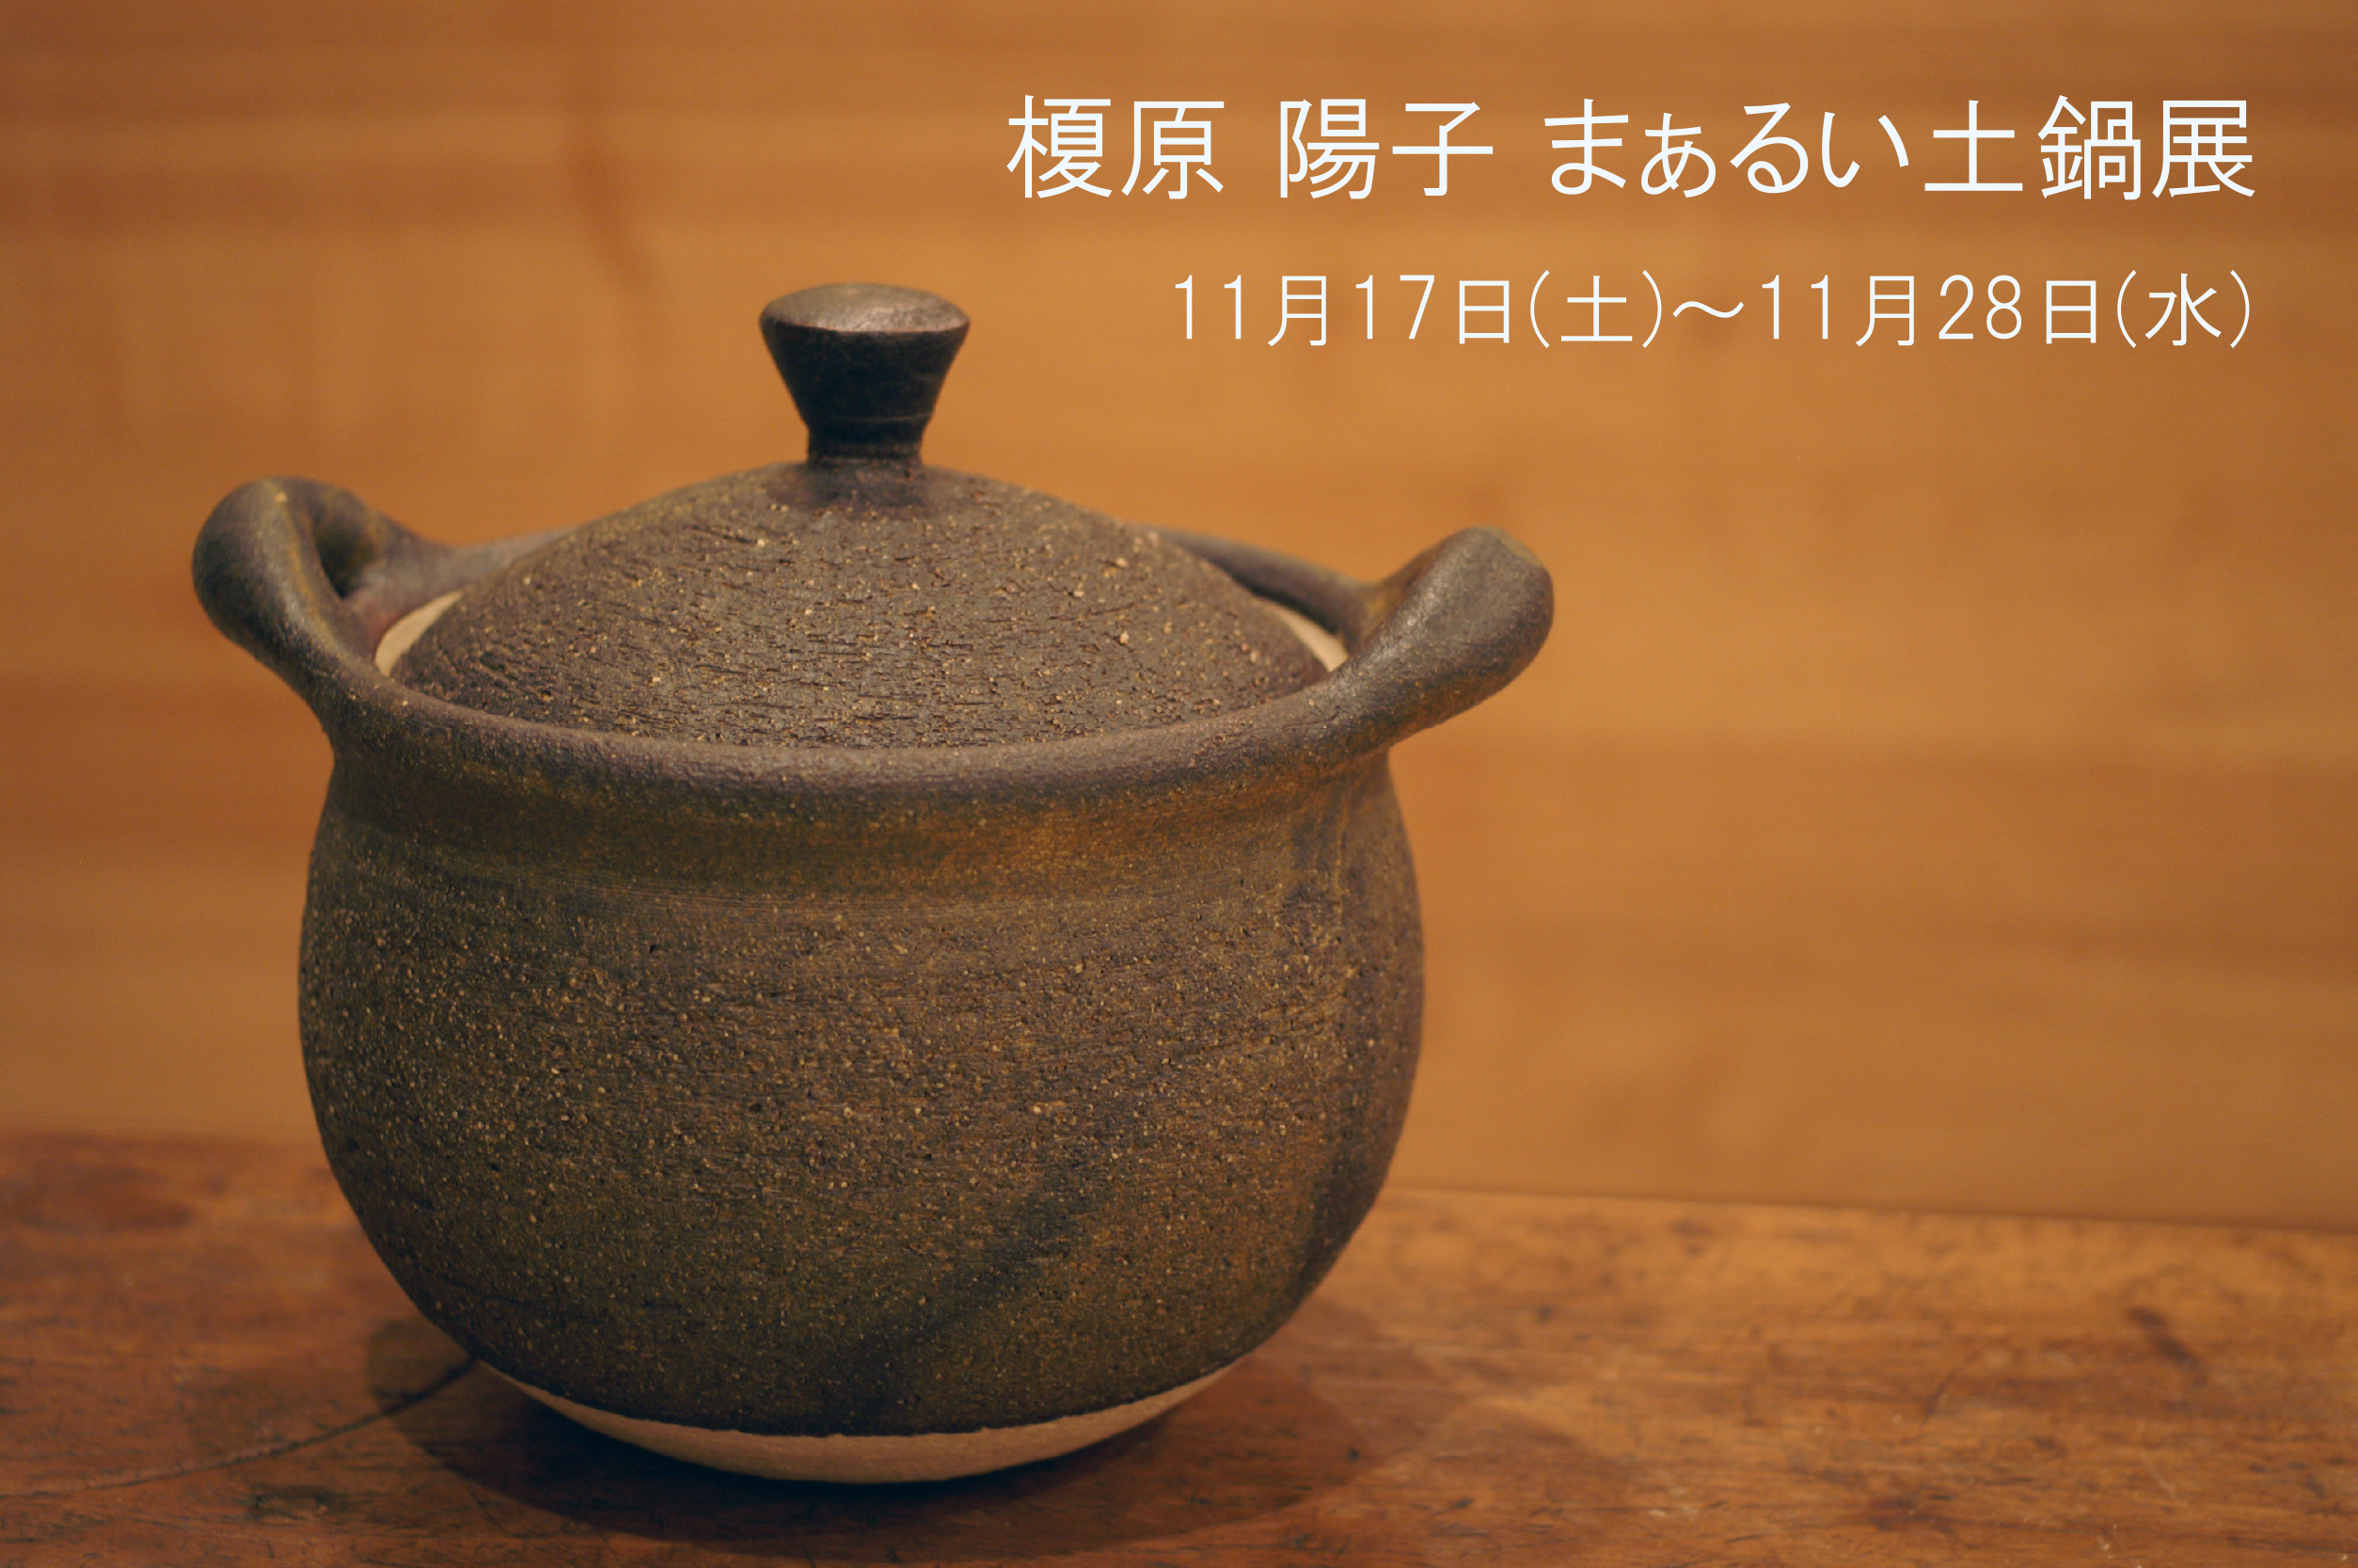 榎原 陽子 まぁるい土鍋 展 2007.11.17~